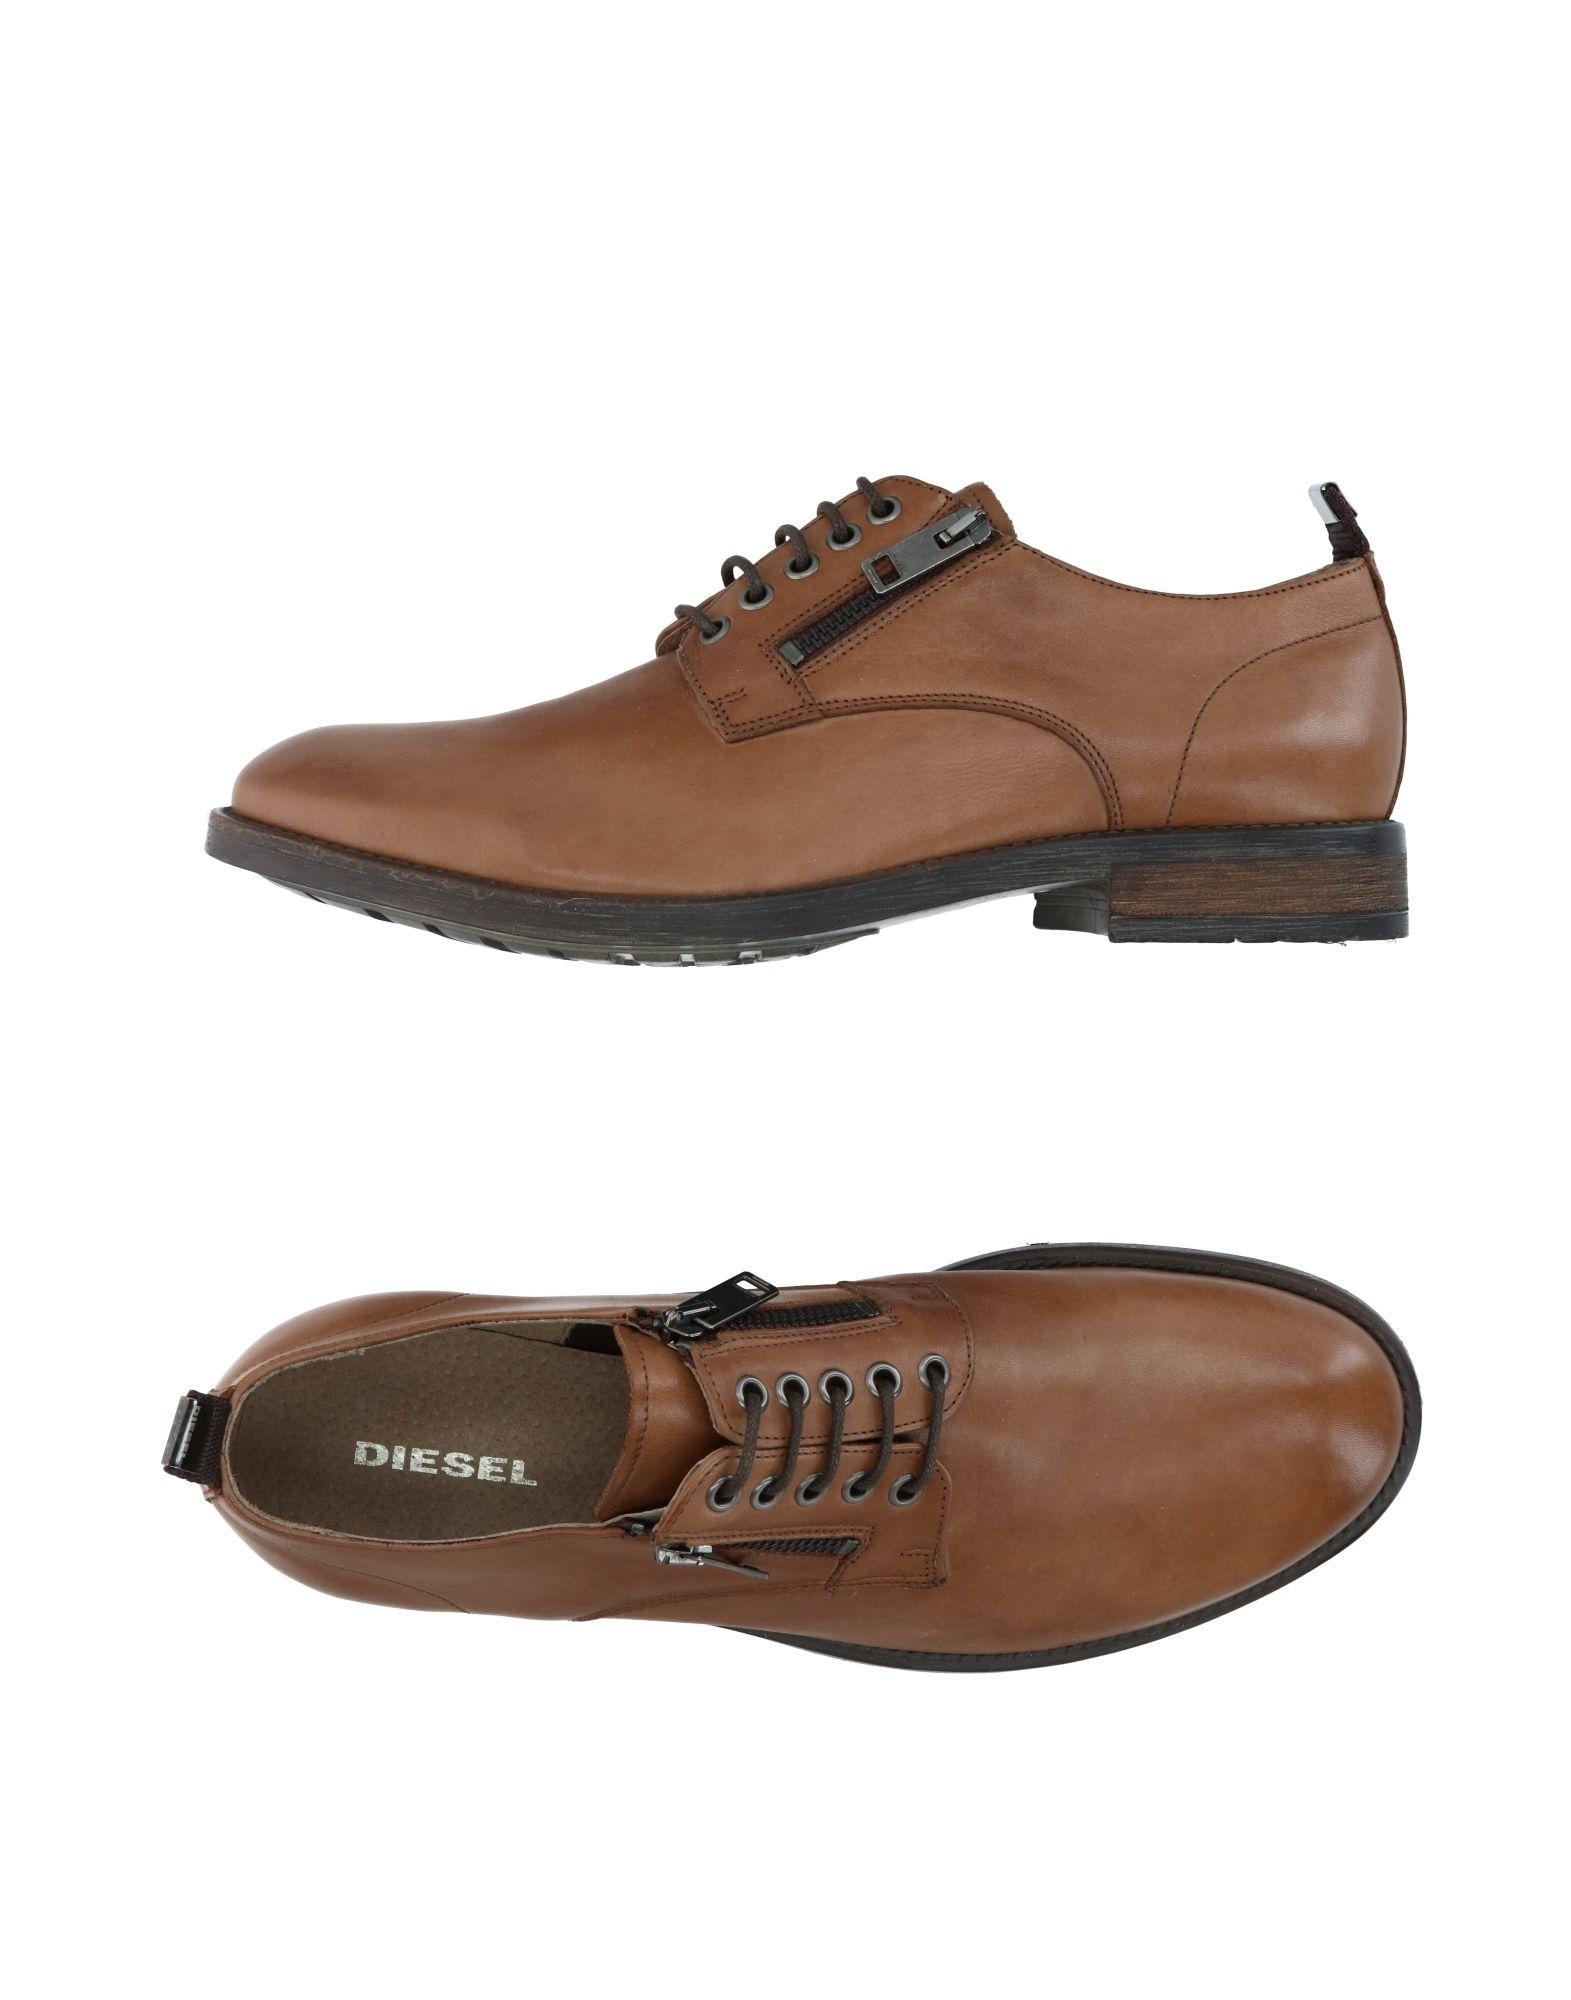 Haltbare Mode billige Schuhe Diesel Schnürschuhe Herren  11308498TK Heiße Schuhe